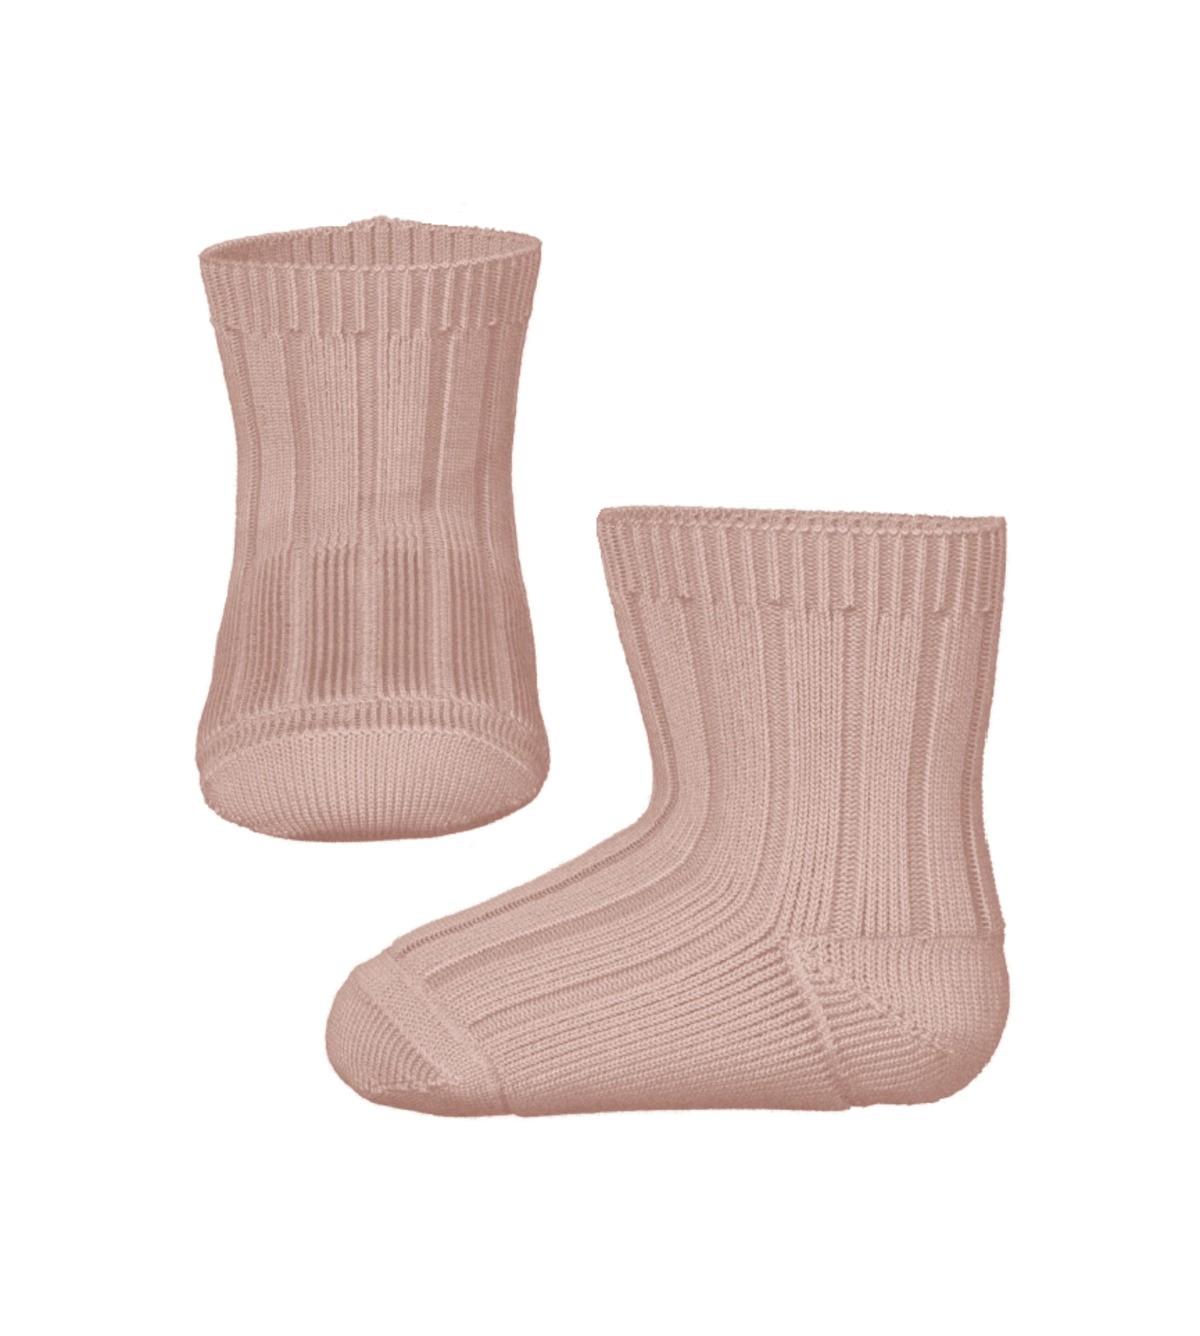 Rosa sokker til baby